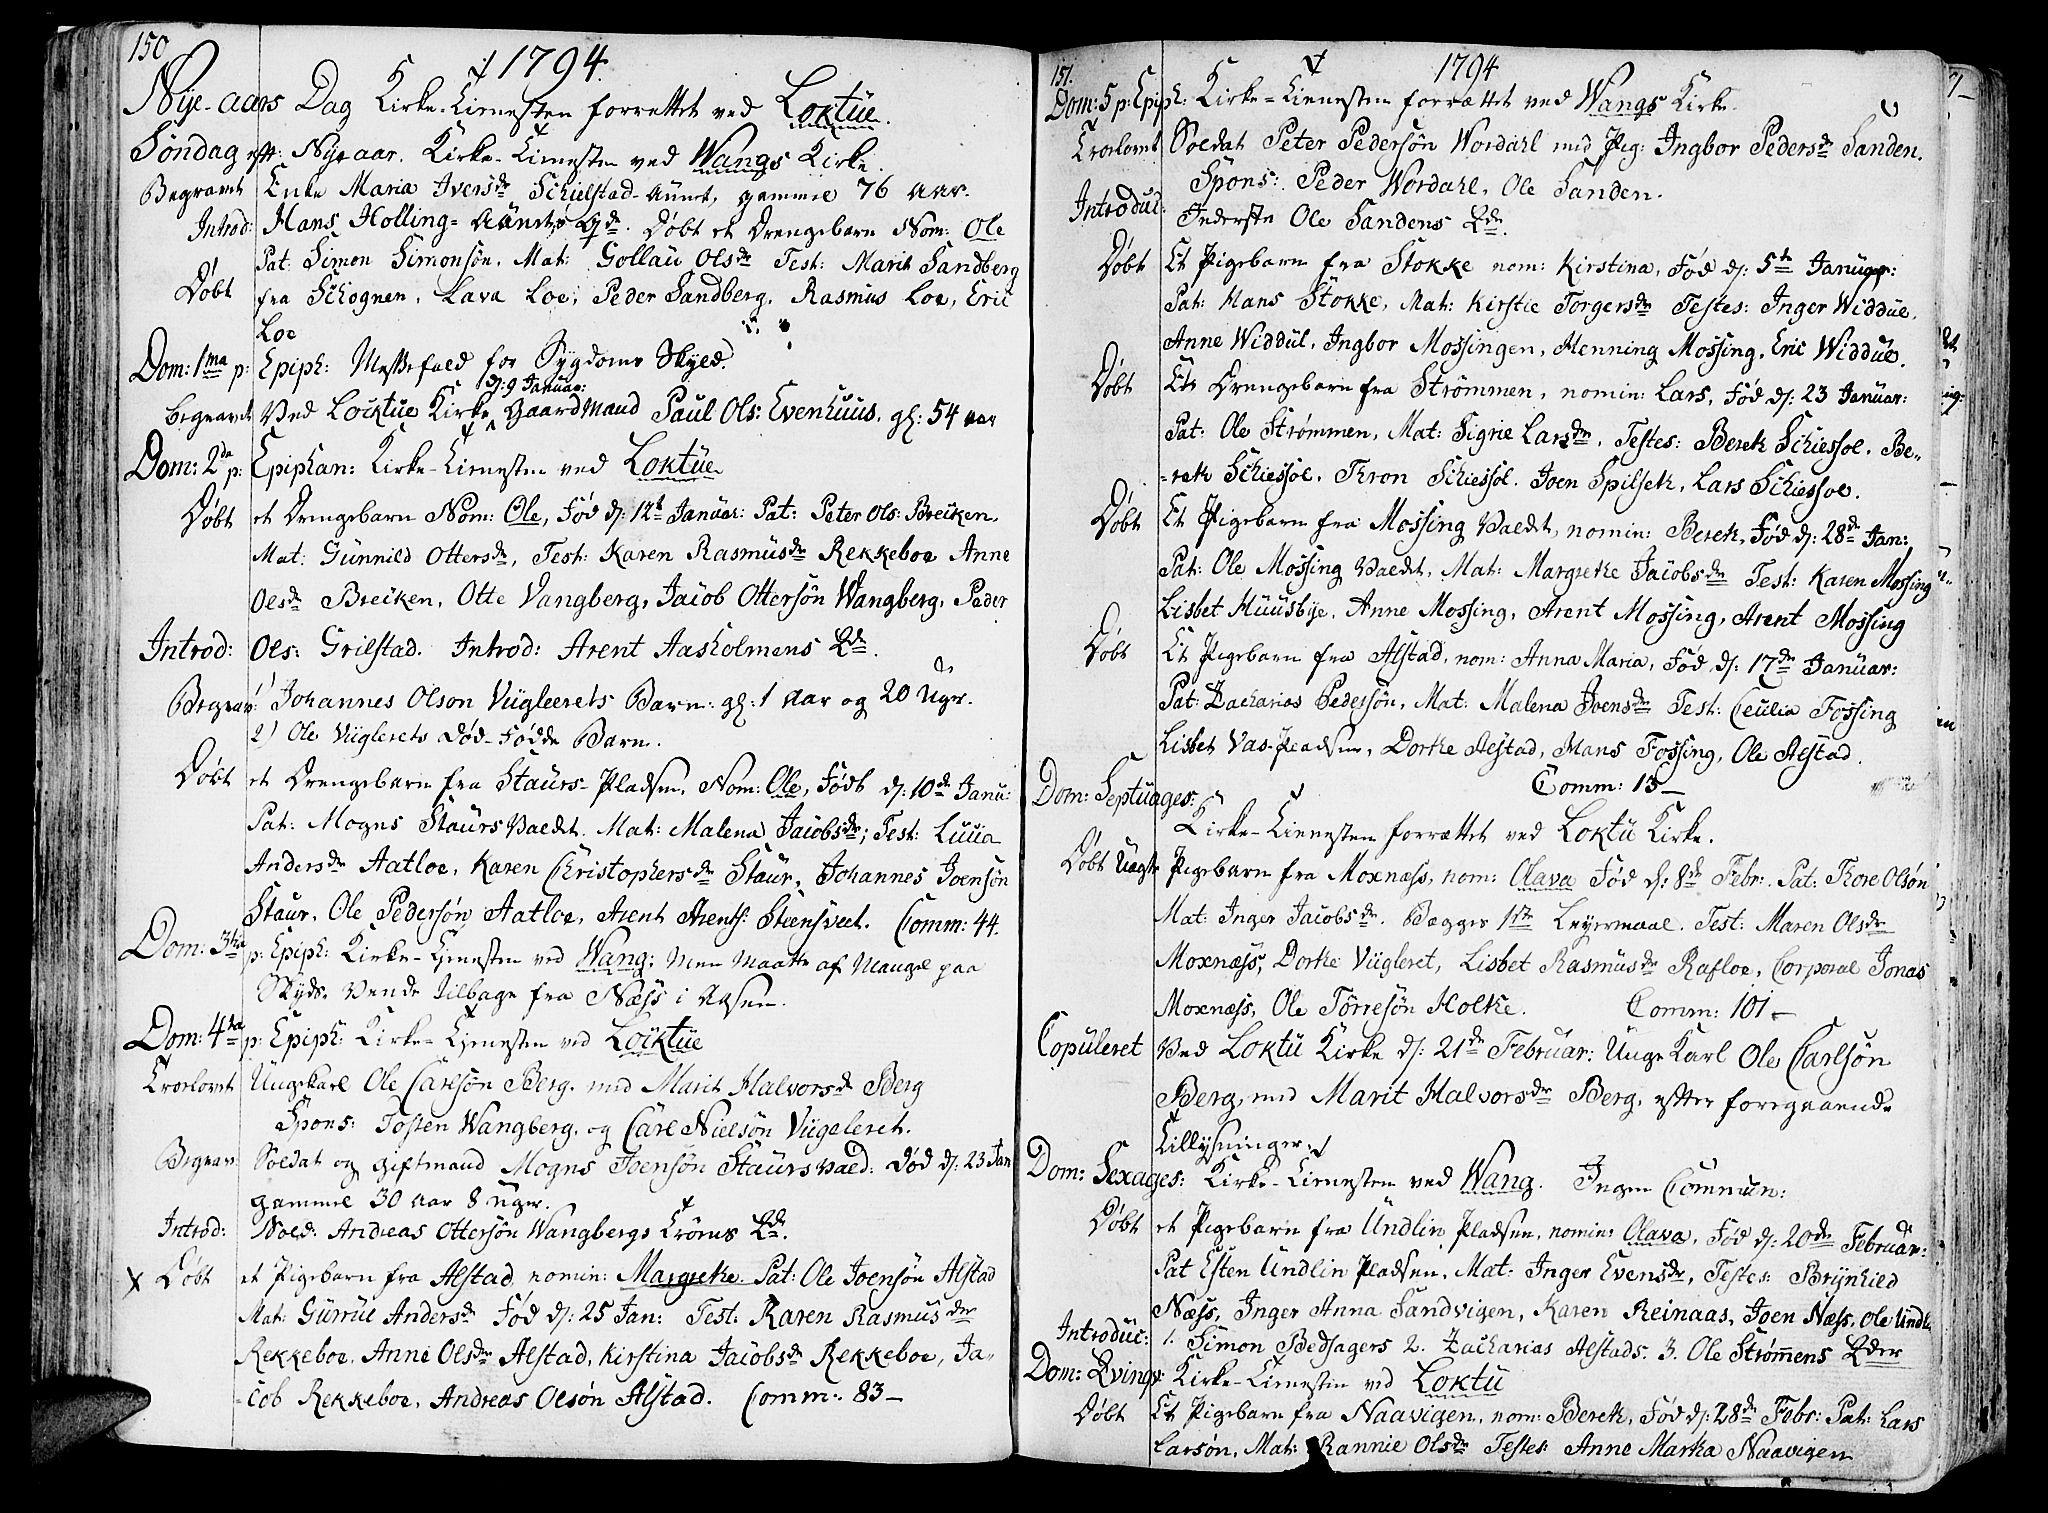 SAT, Ministerialprotokoller, klokkerbøker og fødselsregistre - Nord-Trøndelag, 713/L0110: Ministerialbok nr. 713A02, 1778-1811, s. 150-151